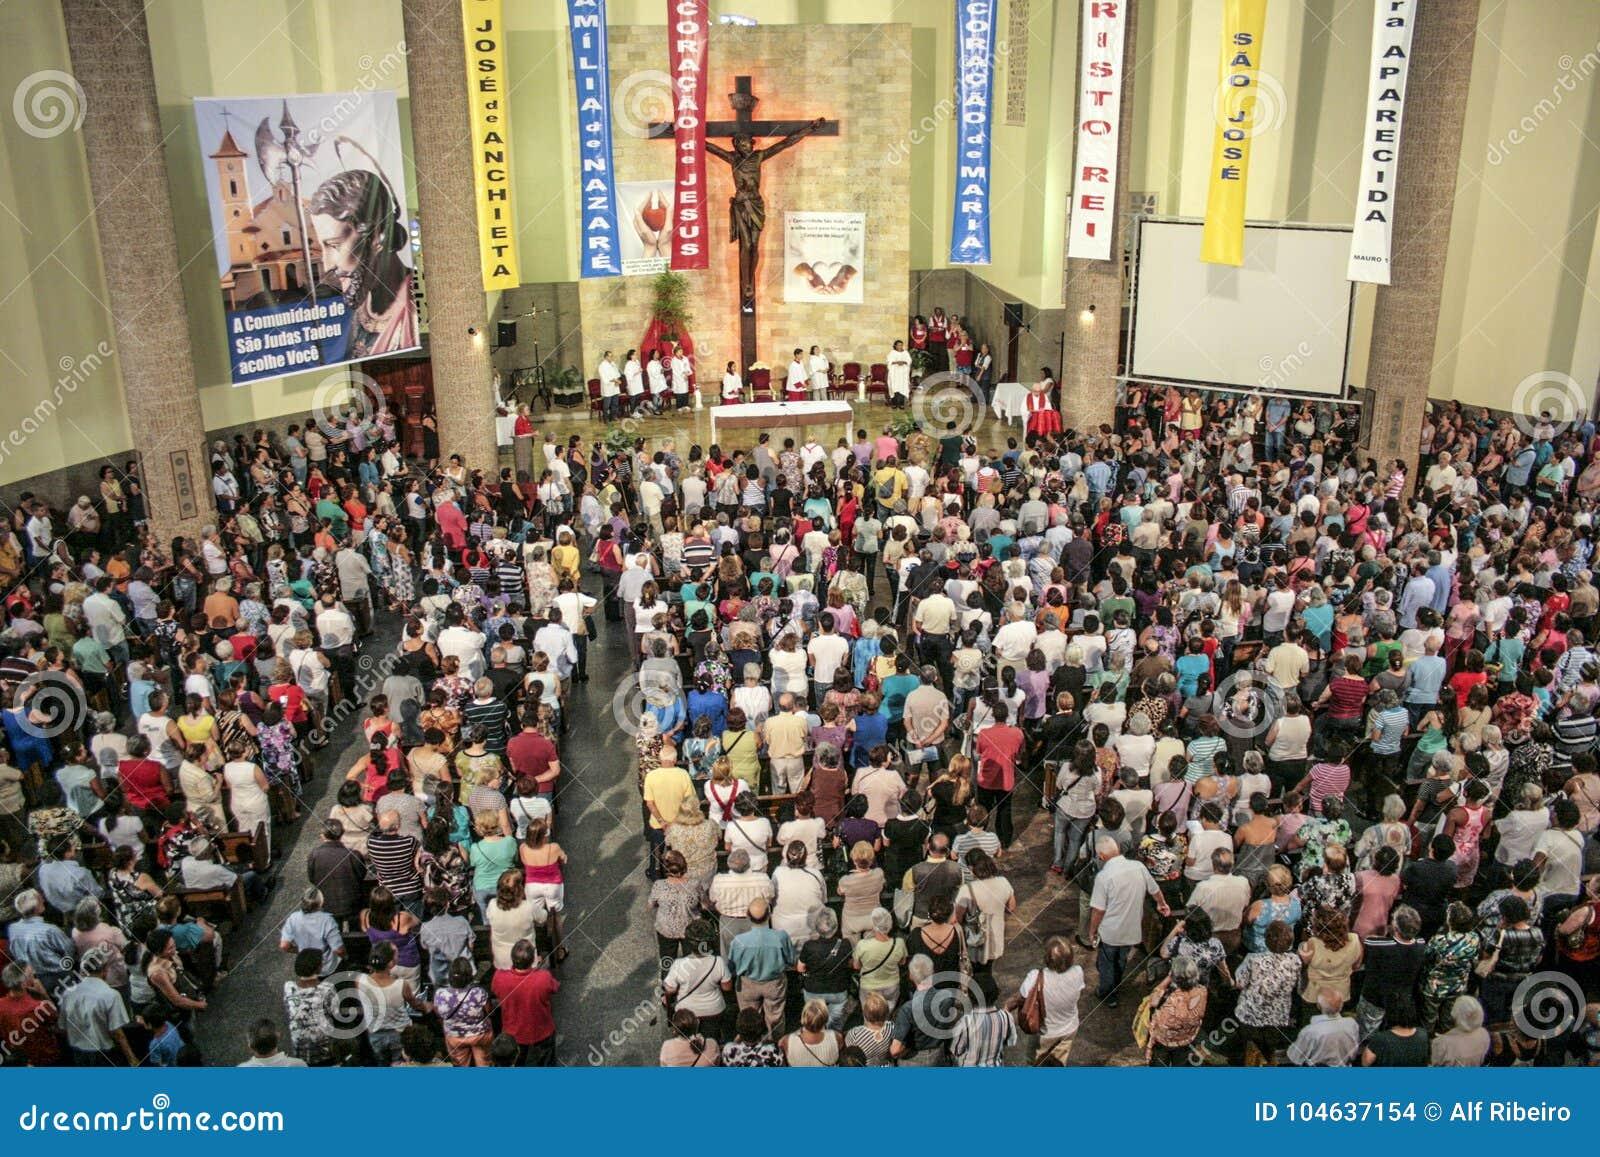 Download Katholieke Massa Ter Ere Van St Jude Day Redactionele Stock Afbeelding - Afbeelding bestaande uit christen, paulo: 104637154